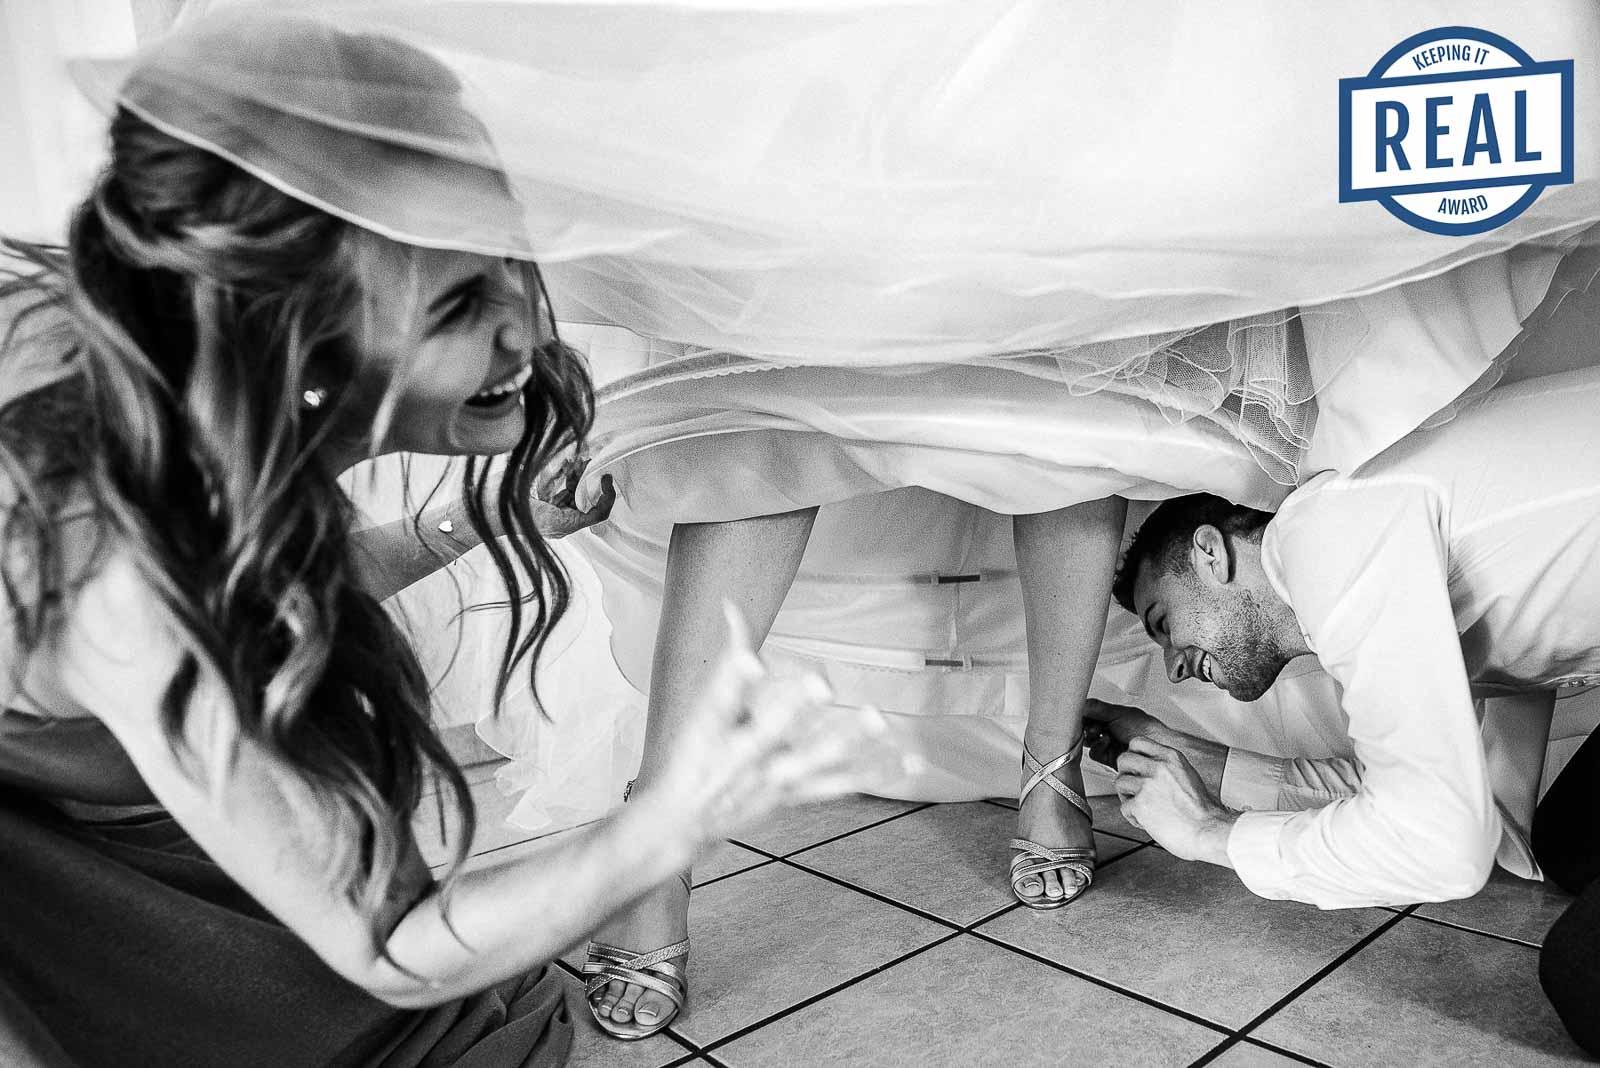 Freunde der Braut helfen bei den Brautschuhen unter dem Brautkleid. - Gewinnerbild Photographers Keeping it Real Summer Awards 2021 - Hochzeitsfotografin Sina Frantzen bildsprache Remscheid